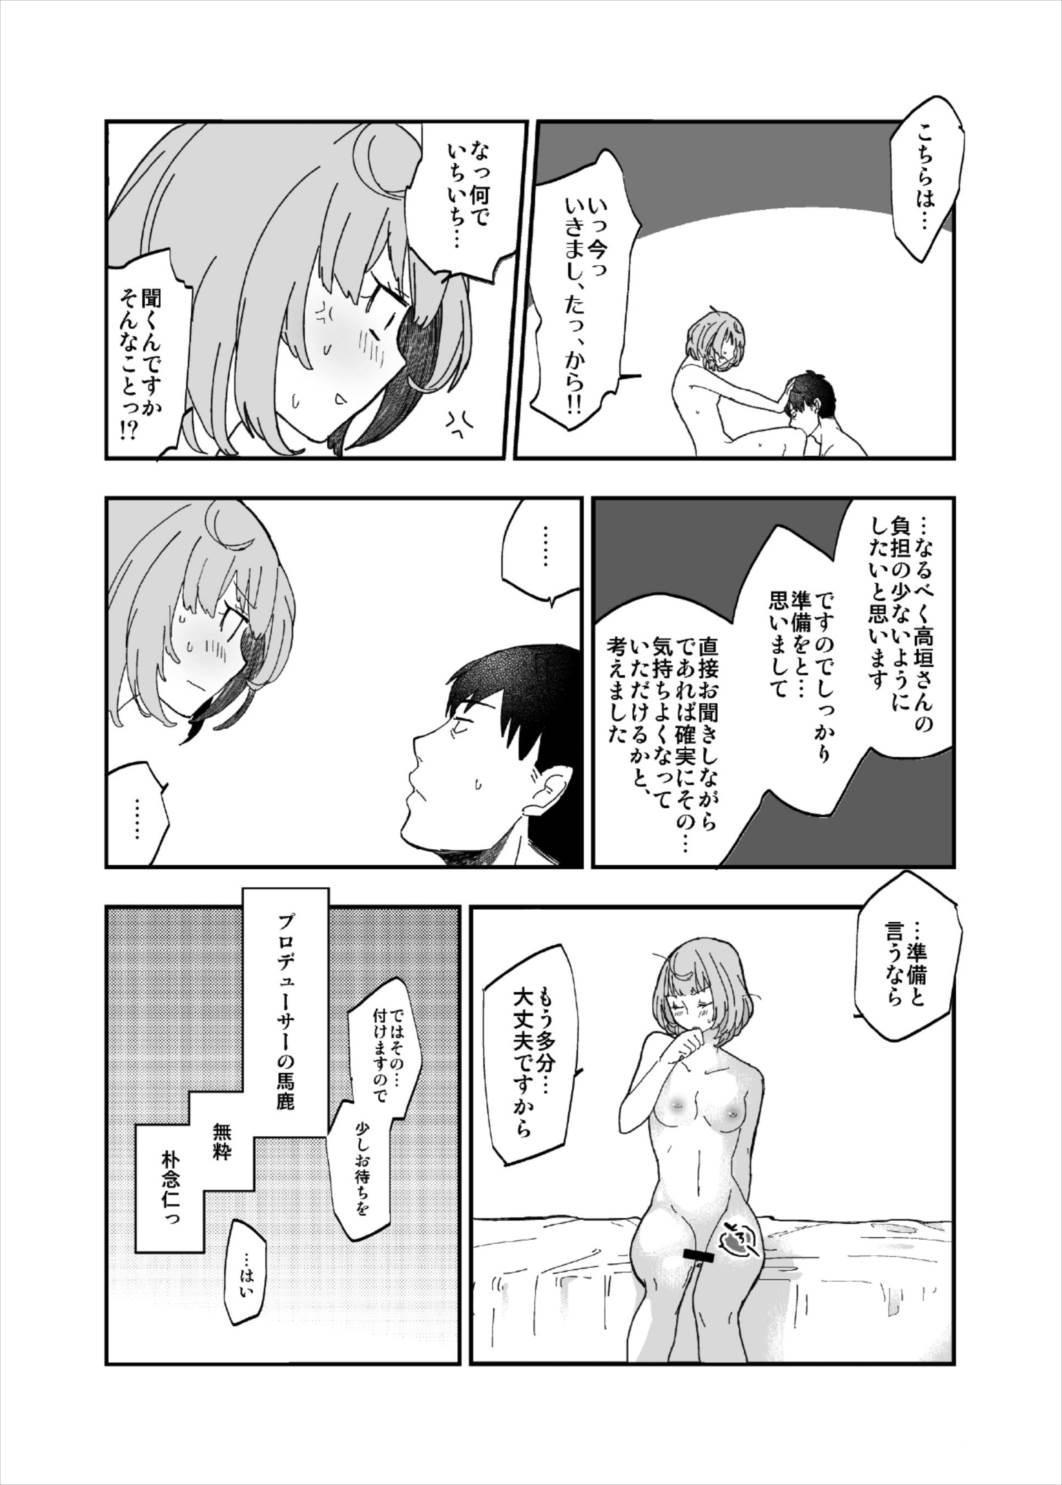 Takeuchi P to Takagaki Kaede-san ga Hatsu H de Mechakucha Ichaicha Suru Hon 9